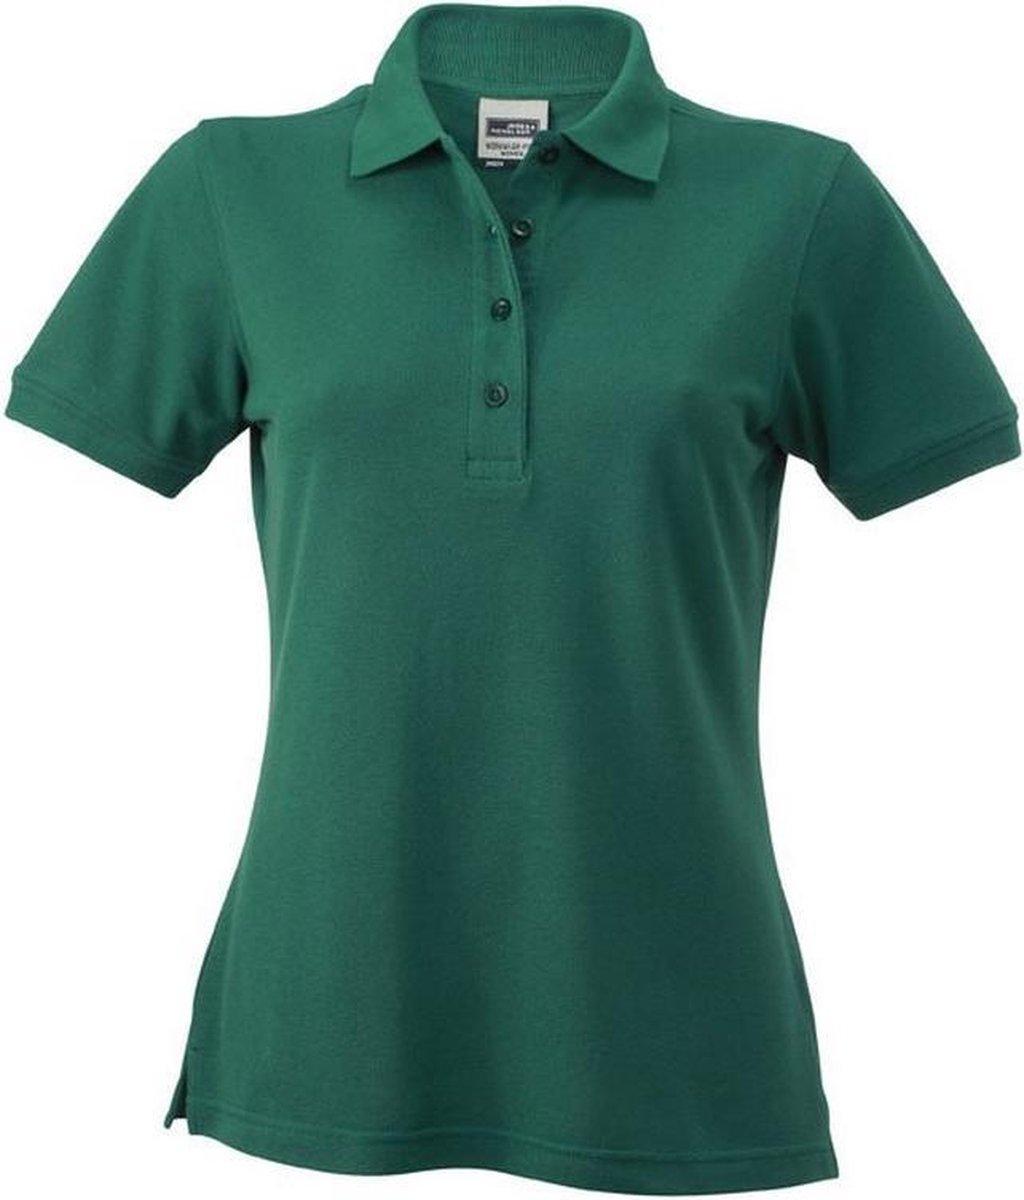 James and Nicholson Dames/dames Werkkleding Poloshirt (Donkergroen)